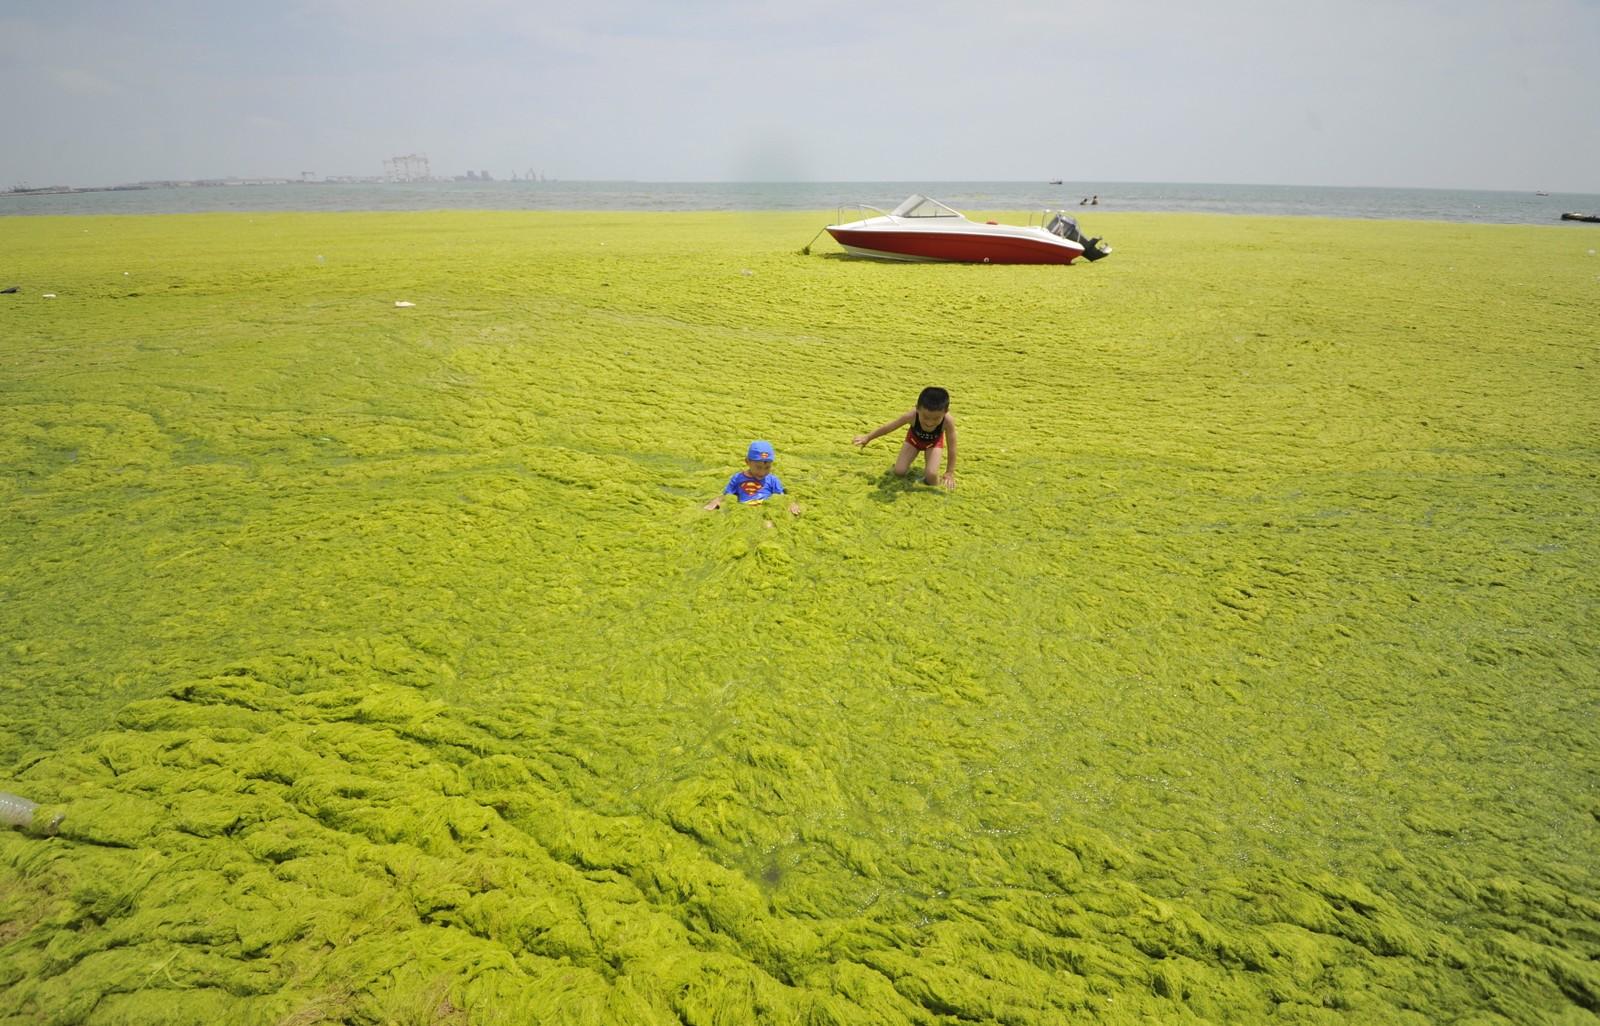 Leking ved algedekket strand i Haiyang i Kina.